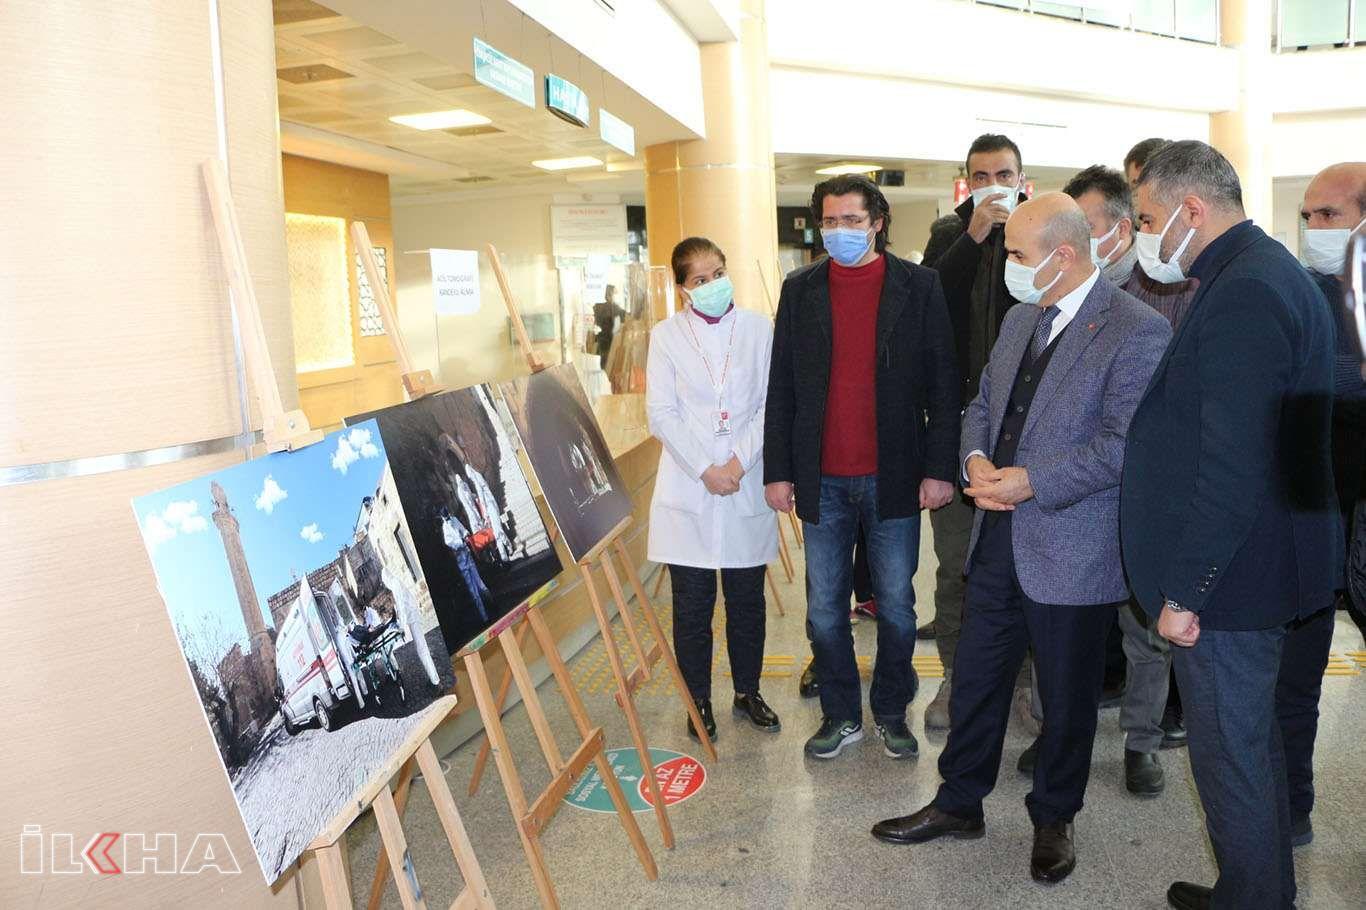 Mardinde Covid-19 ve sağlık çalışanlarını konu alan fotoğraf sergisi açıldı